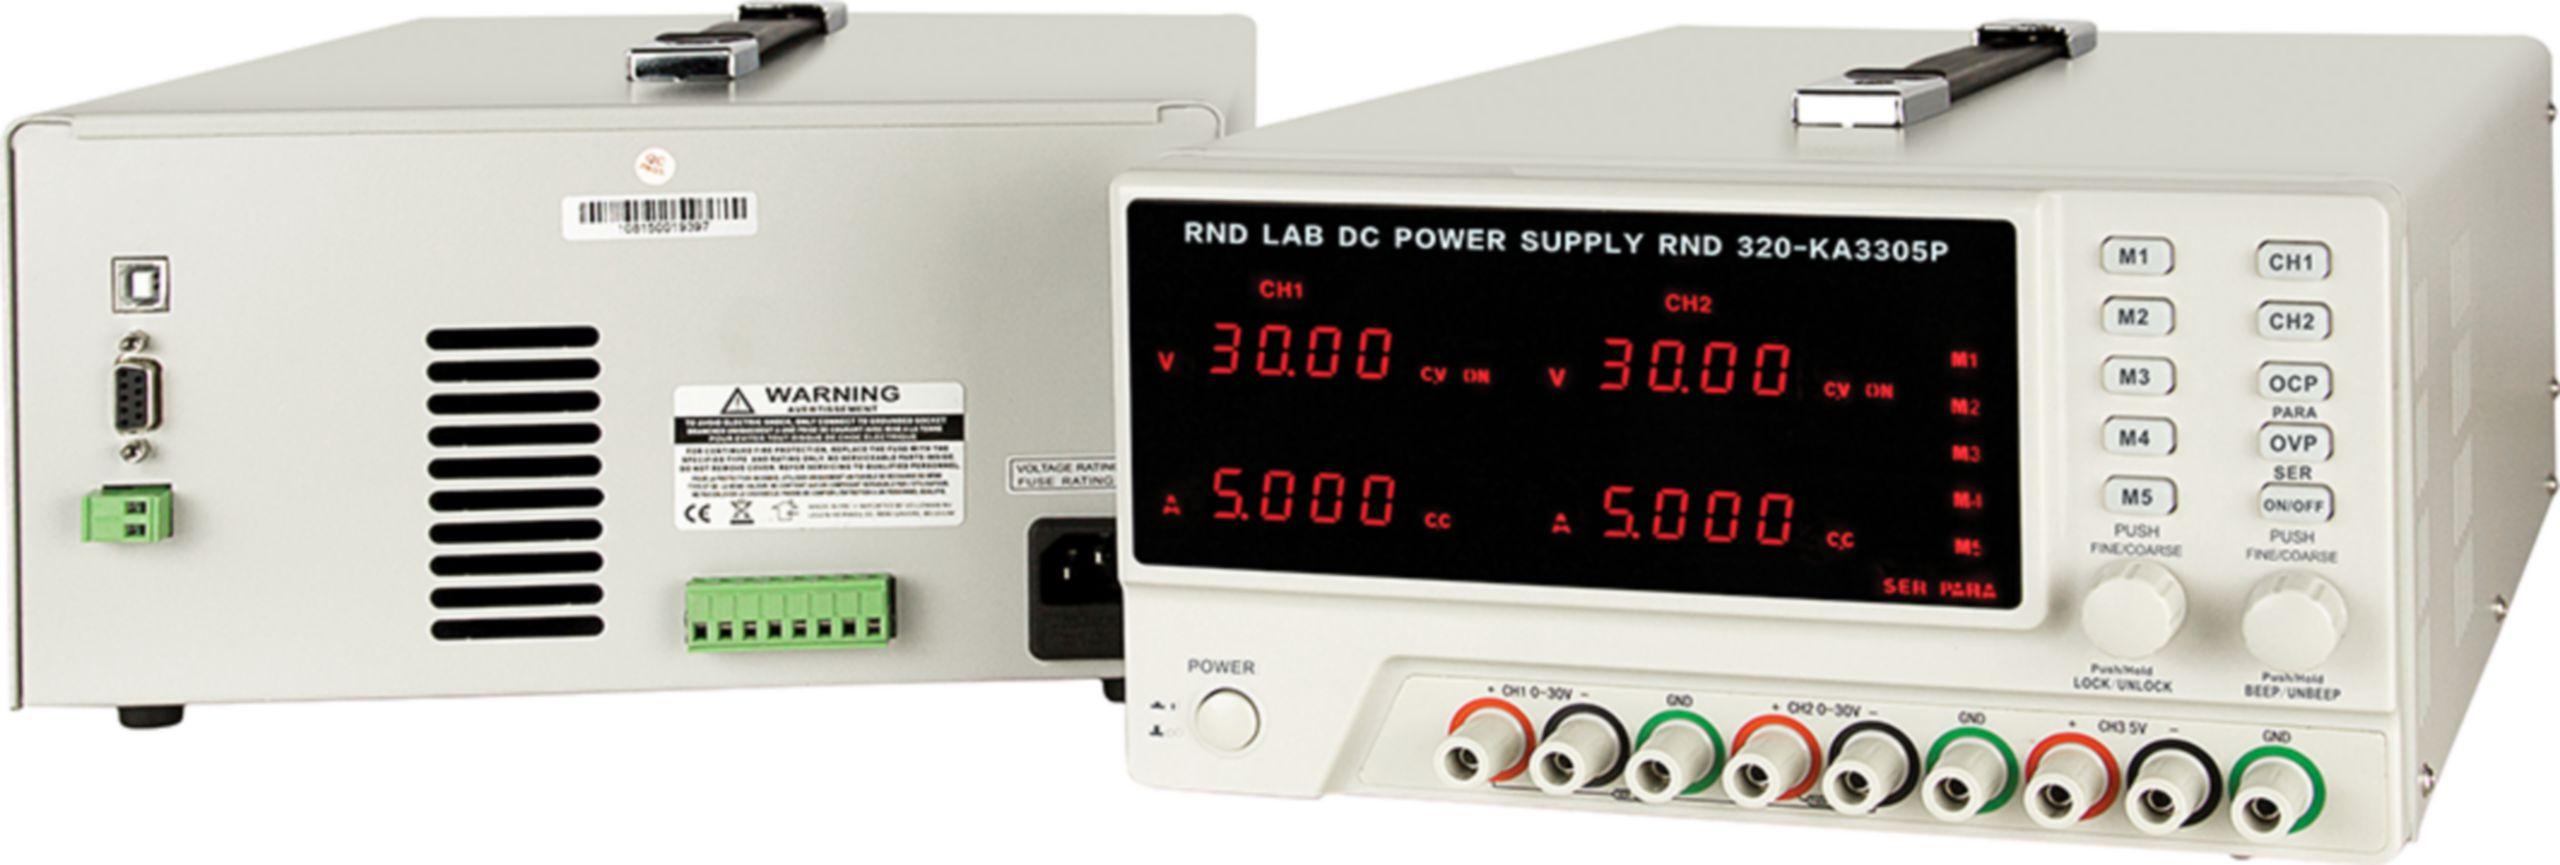 Programovatelný laboratorní napájecí zdroj, 5 pam., 3 kanál, 0÷30 VDC, 0÷5 A, 5 VDC /3 A